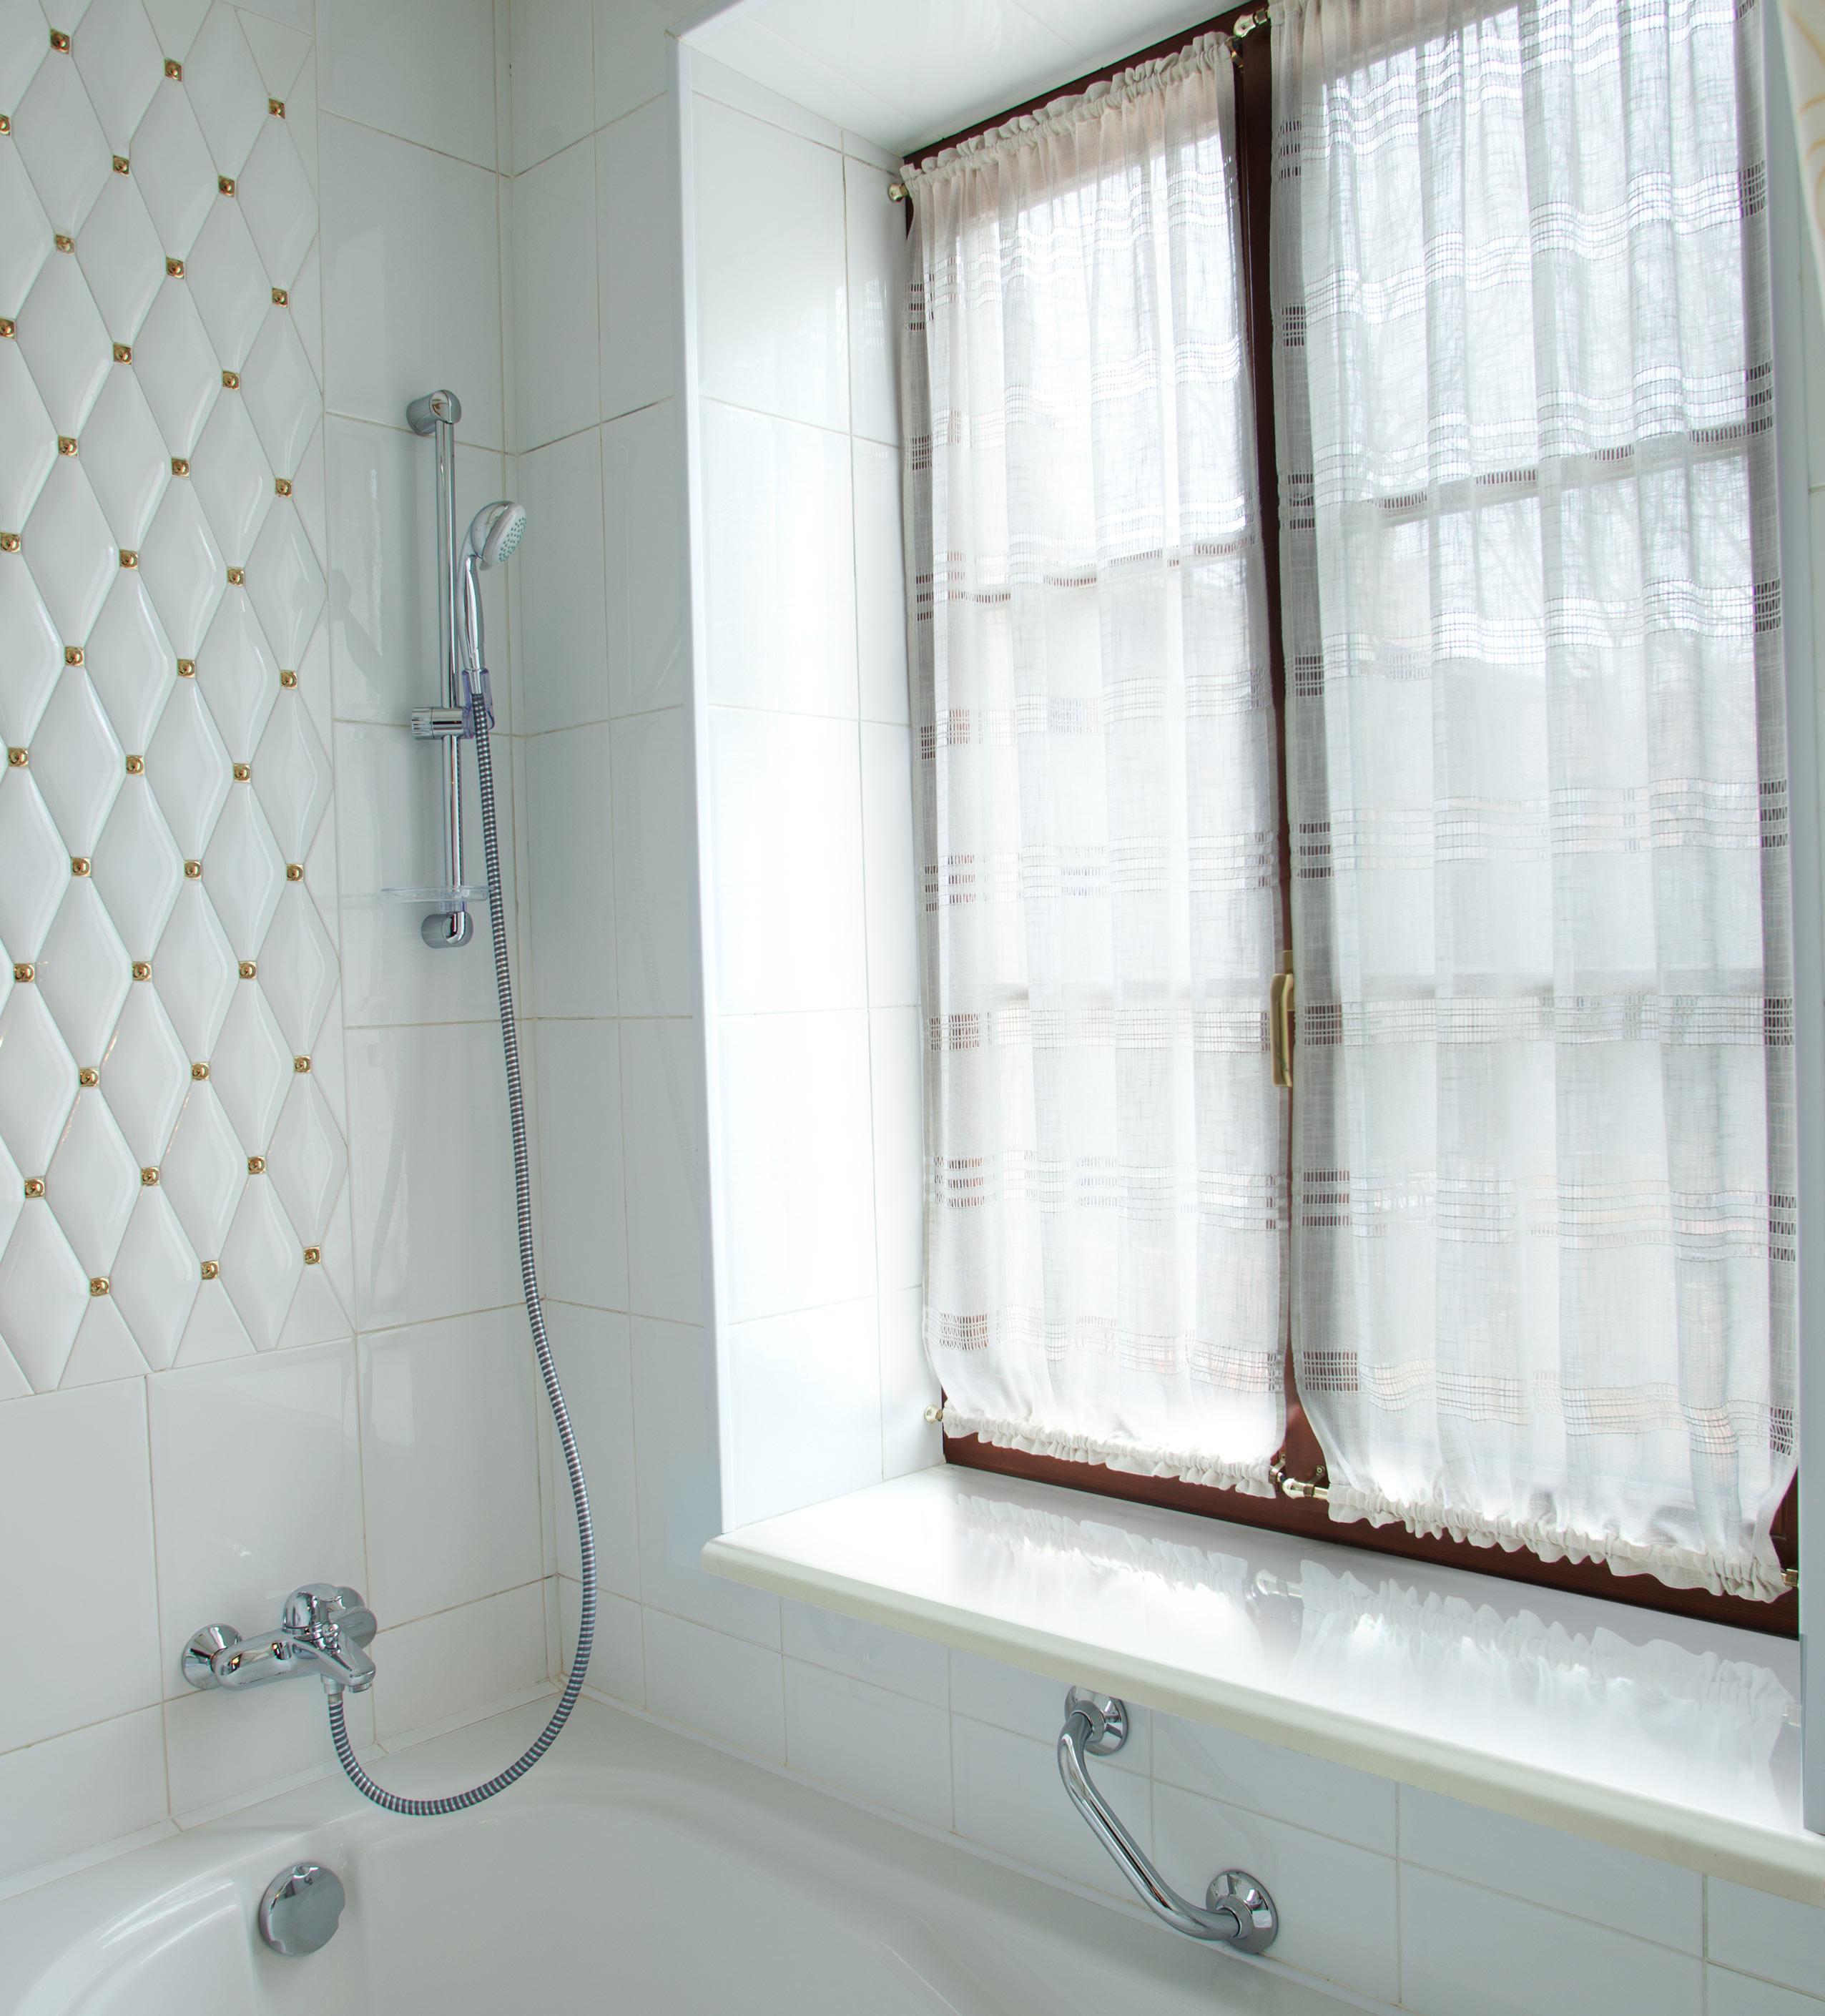 Подоконник Данке Белый глянец для ванной в Эволюции окон Калуга